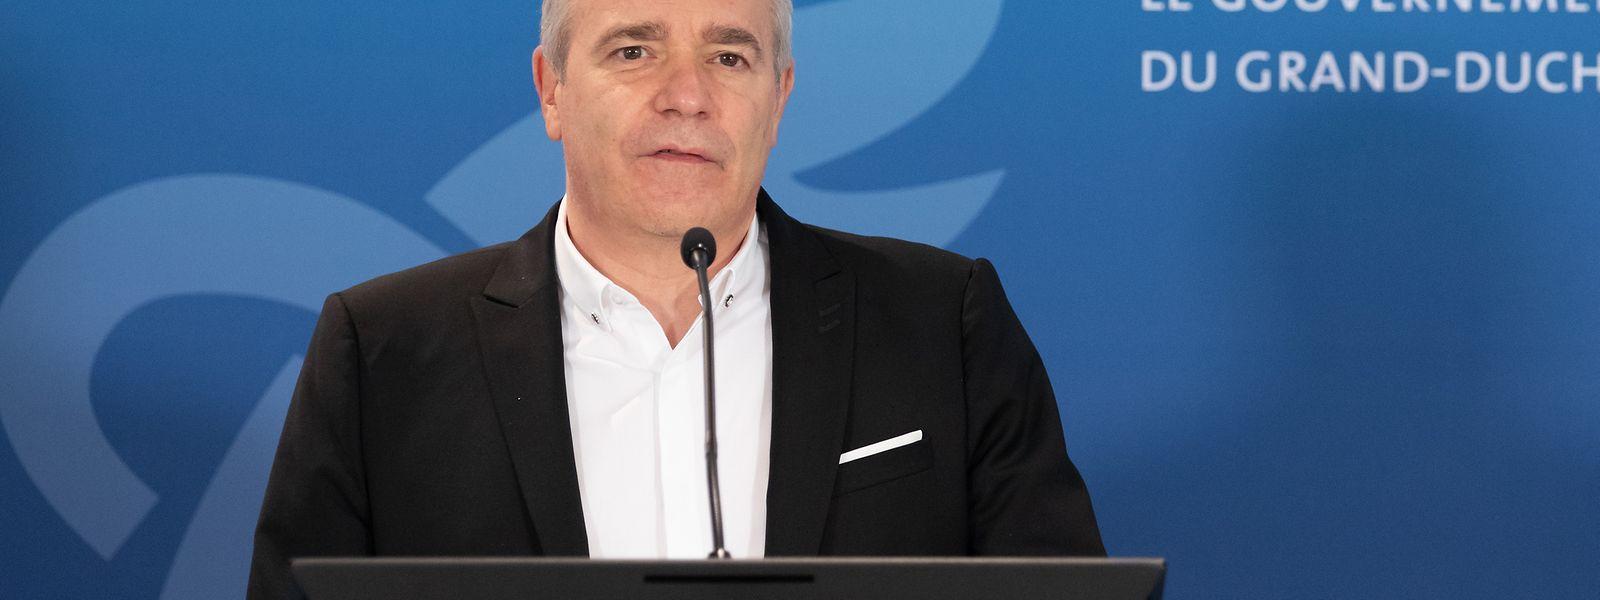 Dan Kersch, ministro dos Desportos luxemburguês, avançou esta quinta-feira, em conferência de imprensa, novas medidas para o Desporto.